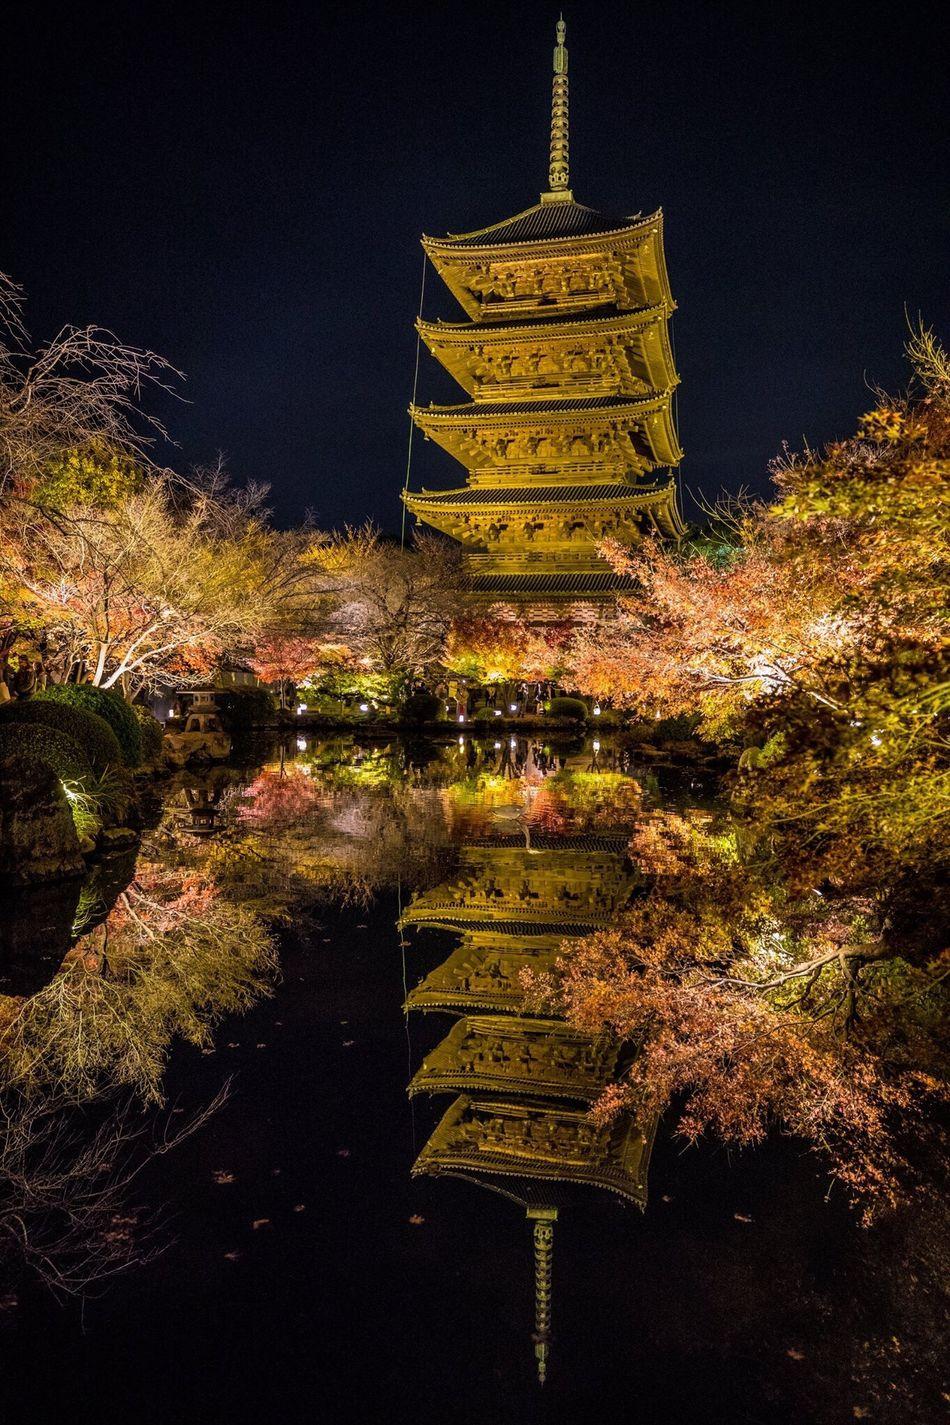 京都 紅葉 東寺 寺 ライトアップ Kyoto Autumn Leaves Night Lights Japan Temple Reflection 反射 五重の塔 五重塔 Tower